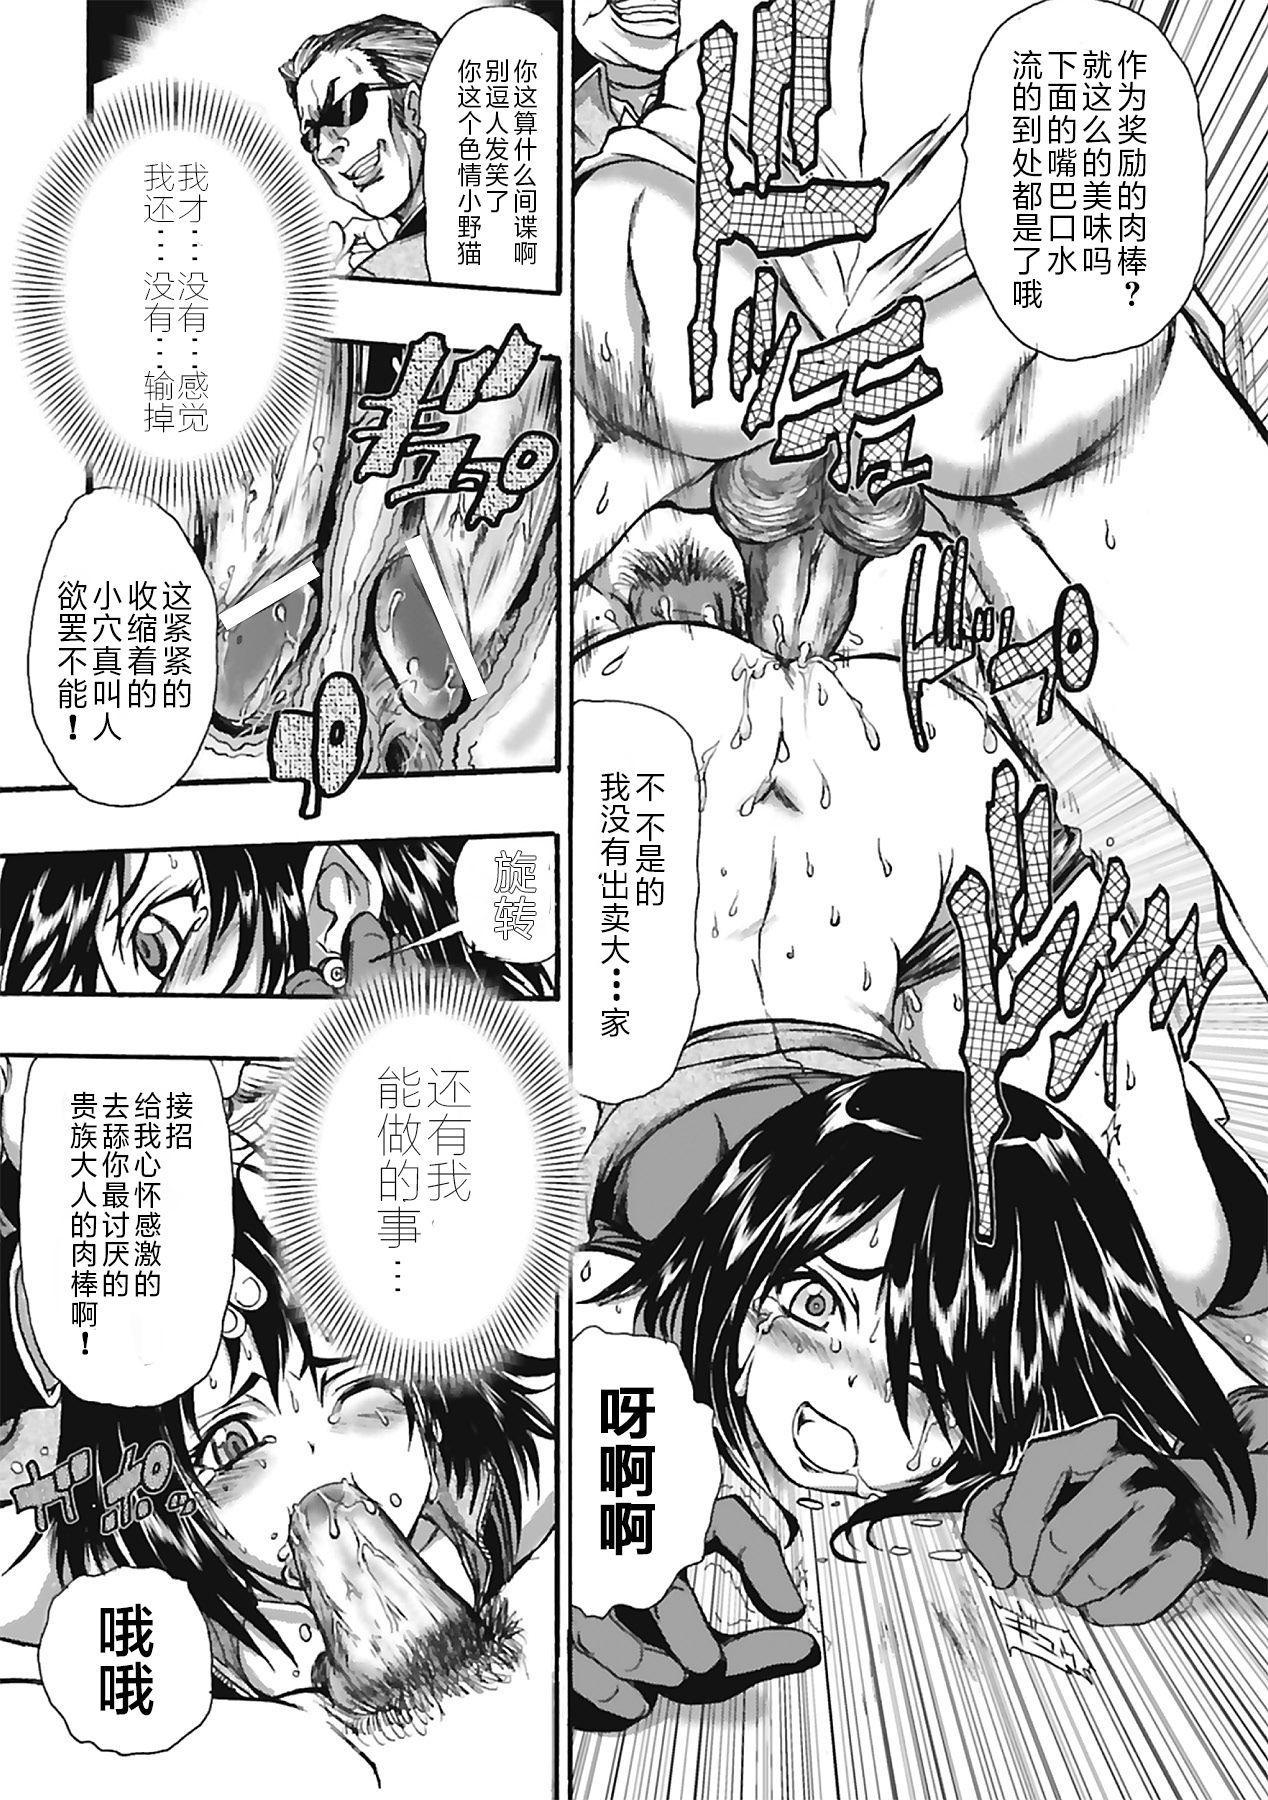 Kuon no Kizuna 14